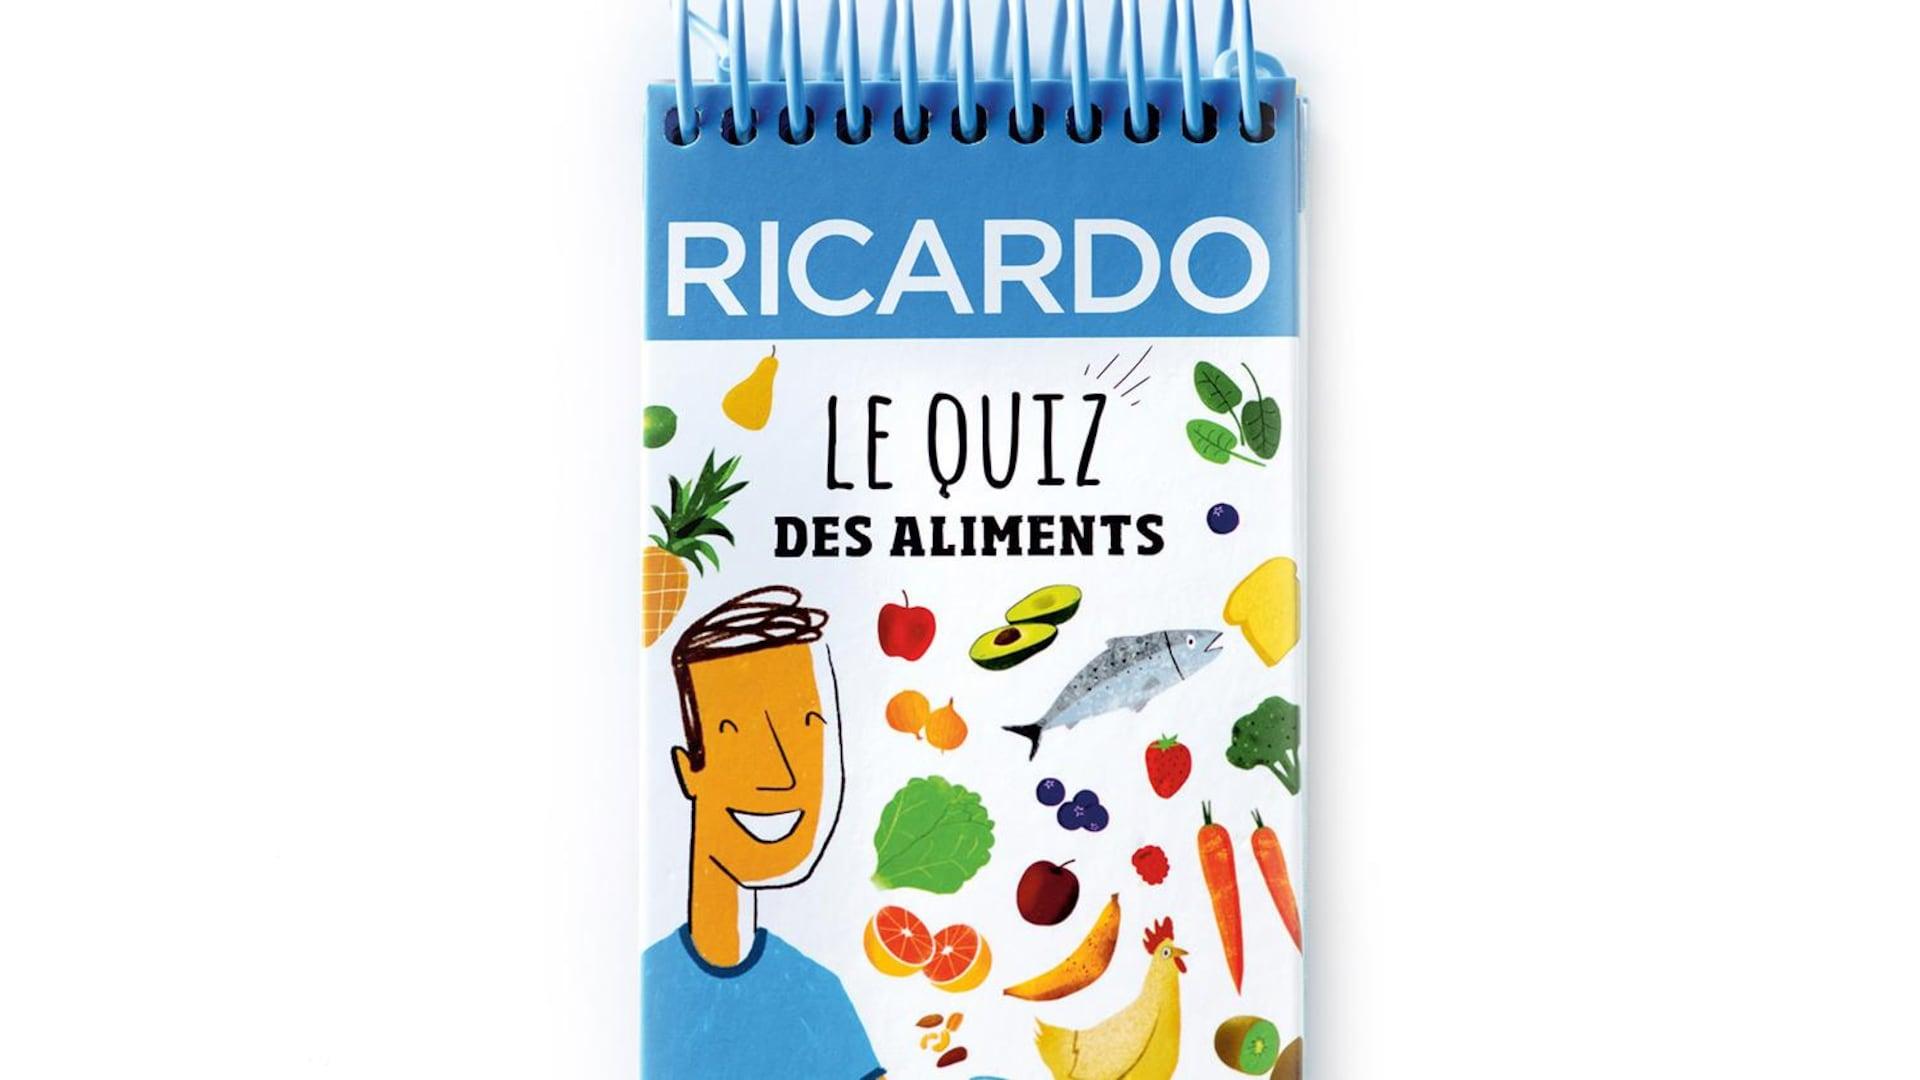 Ce carnet-jeu conçu par le chef cuisinier Ricardo regroupe près de 300 questions sur les aliments, les recettes et les ustensiles, déclinées en trois niveaux de difficulté, avec les réponses.